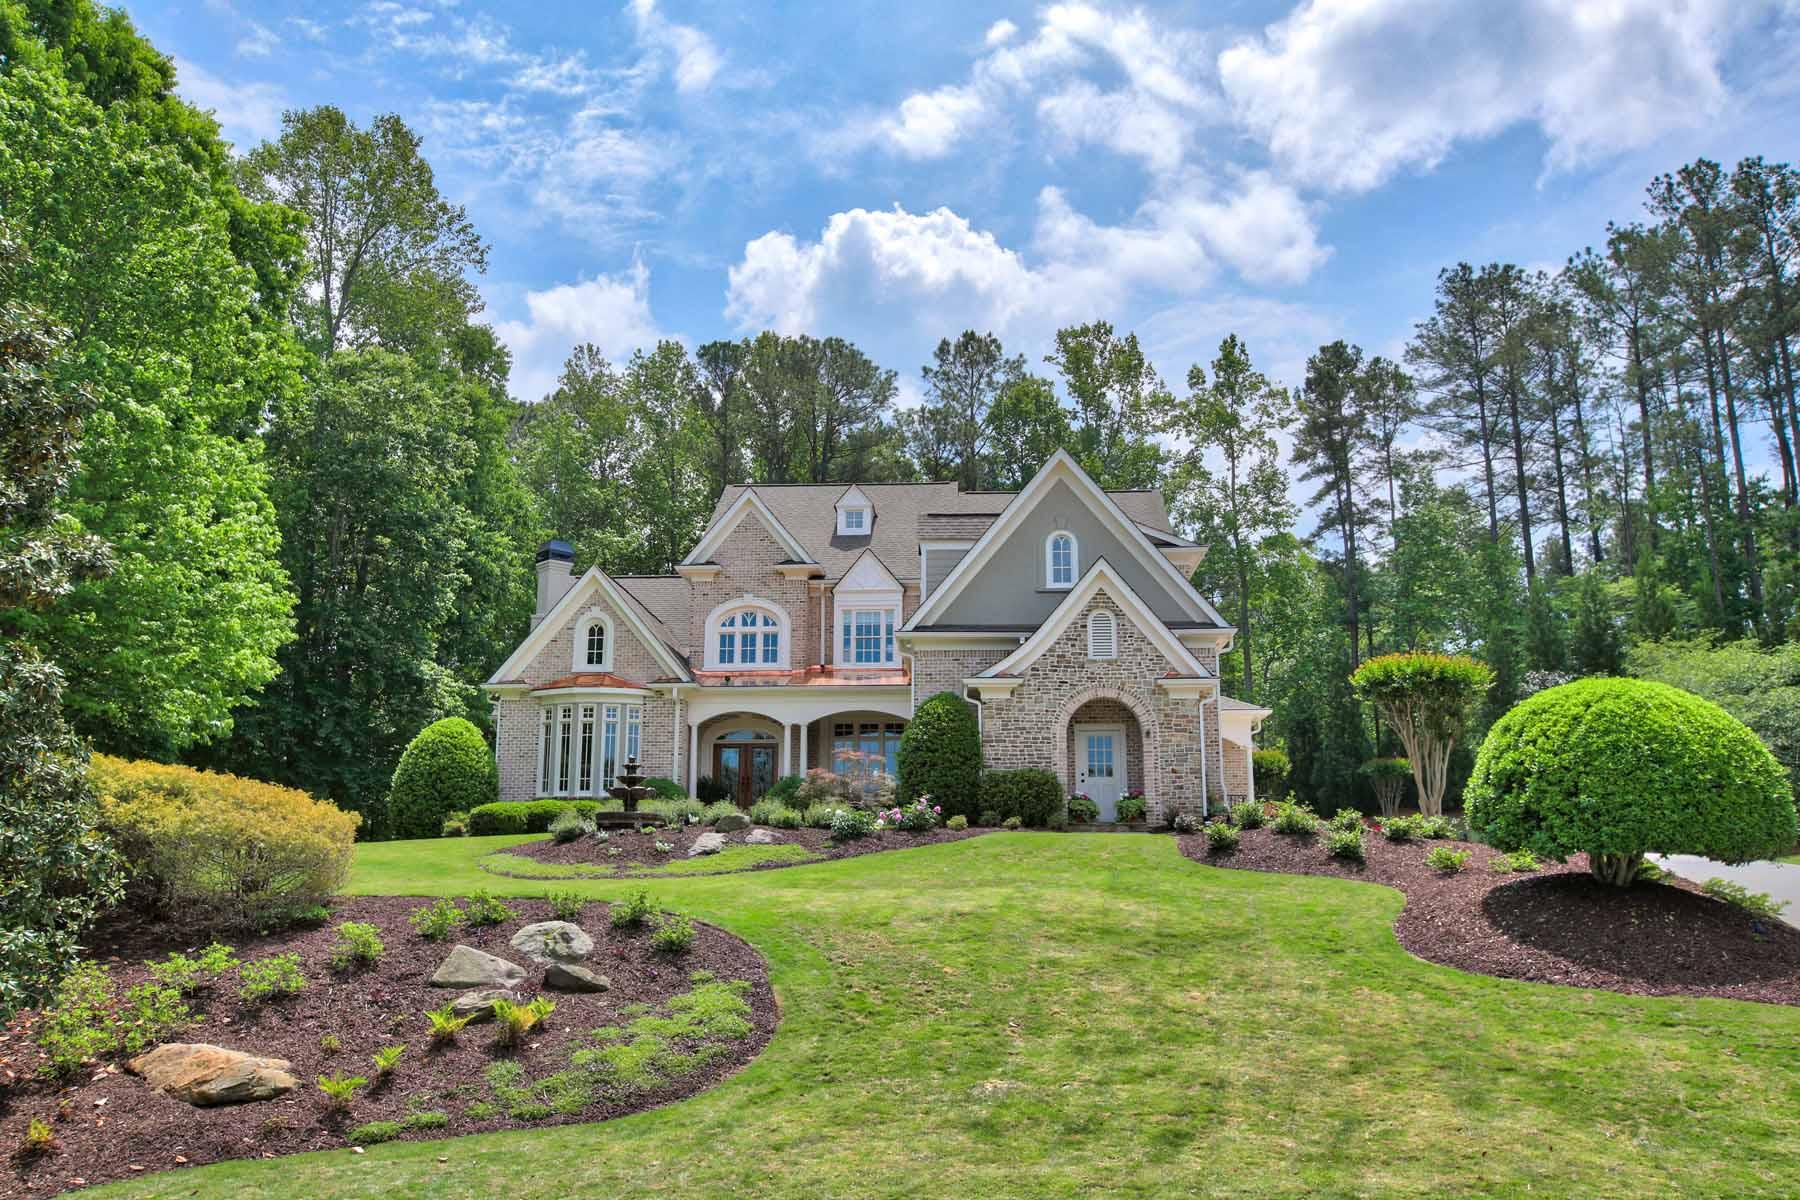 Maison unifamiliale pour l Vente à Stunning Estate Home On Golf Course in White Columns 1270 Rolling Links Drive Milton, Georgia, 30004 États-Unis